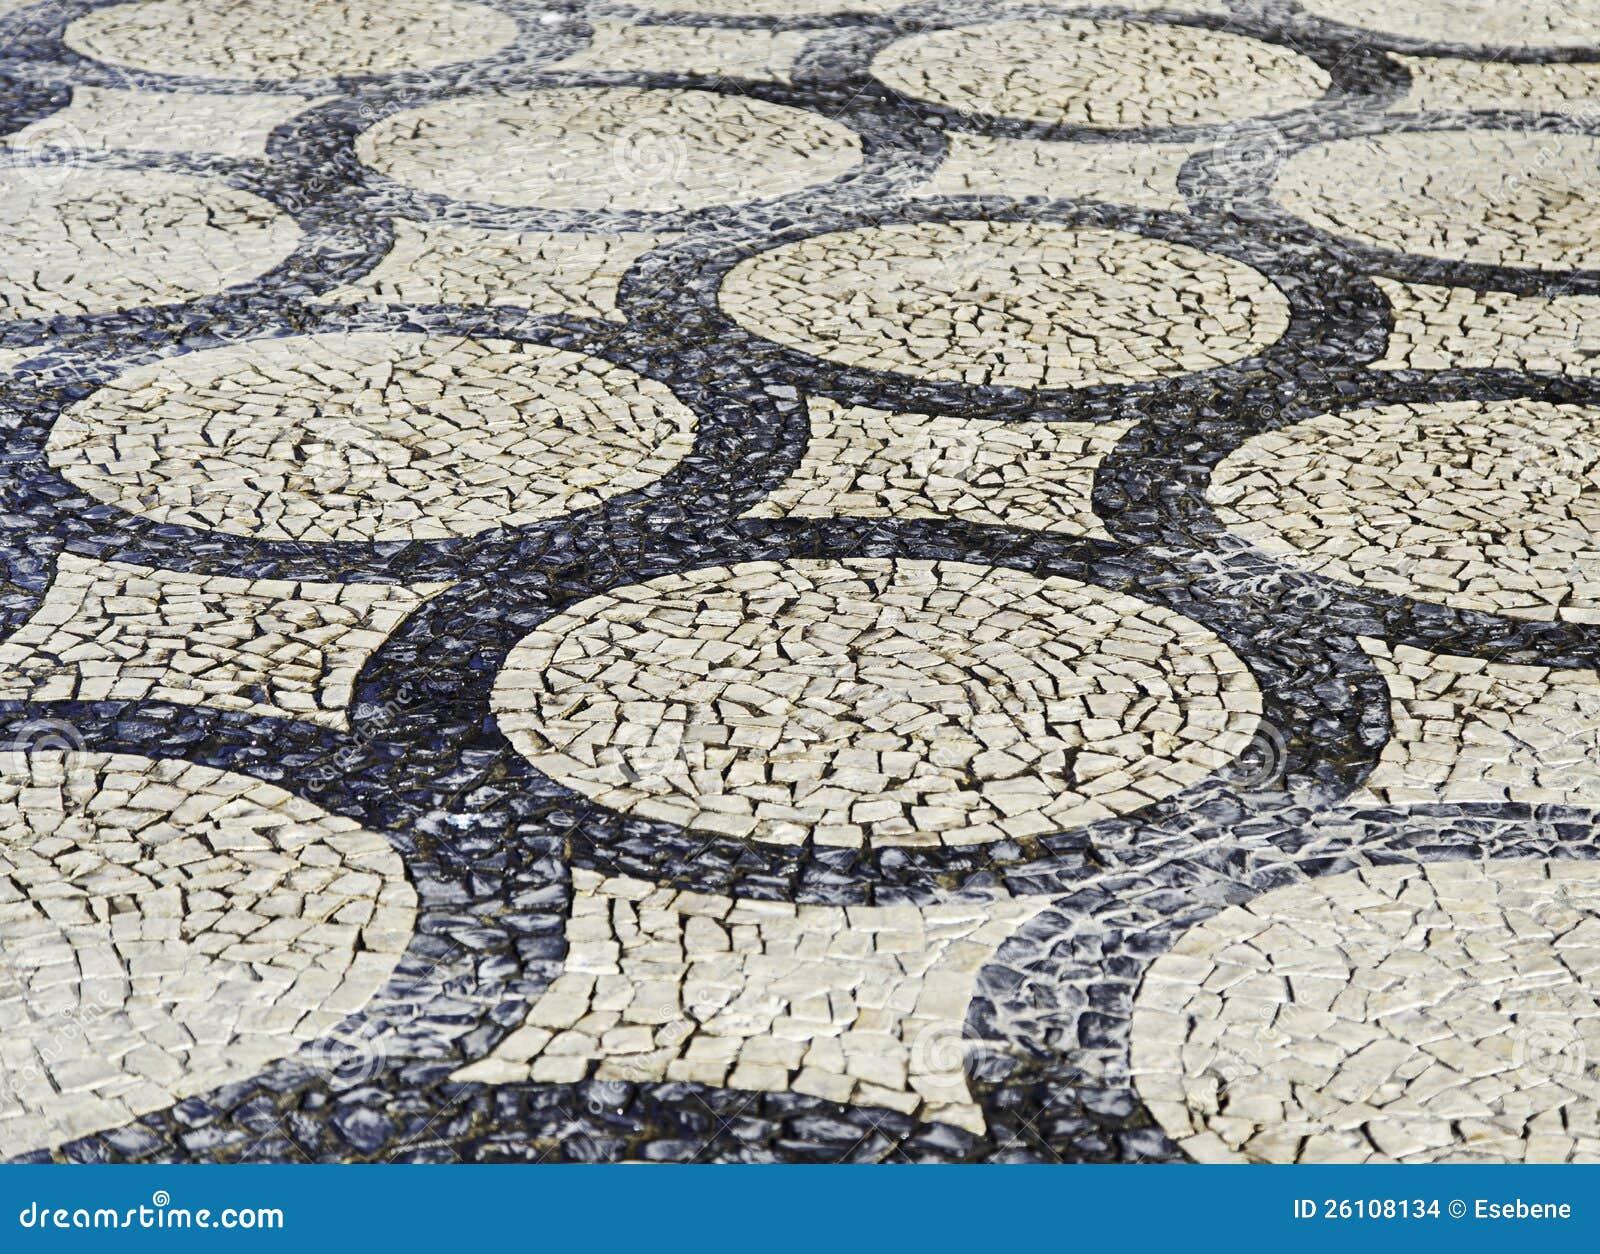 Azulejos de suelo foto de archivo imagen de modelos - Azulejos de suelo ...